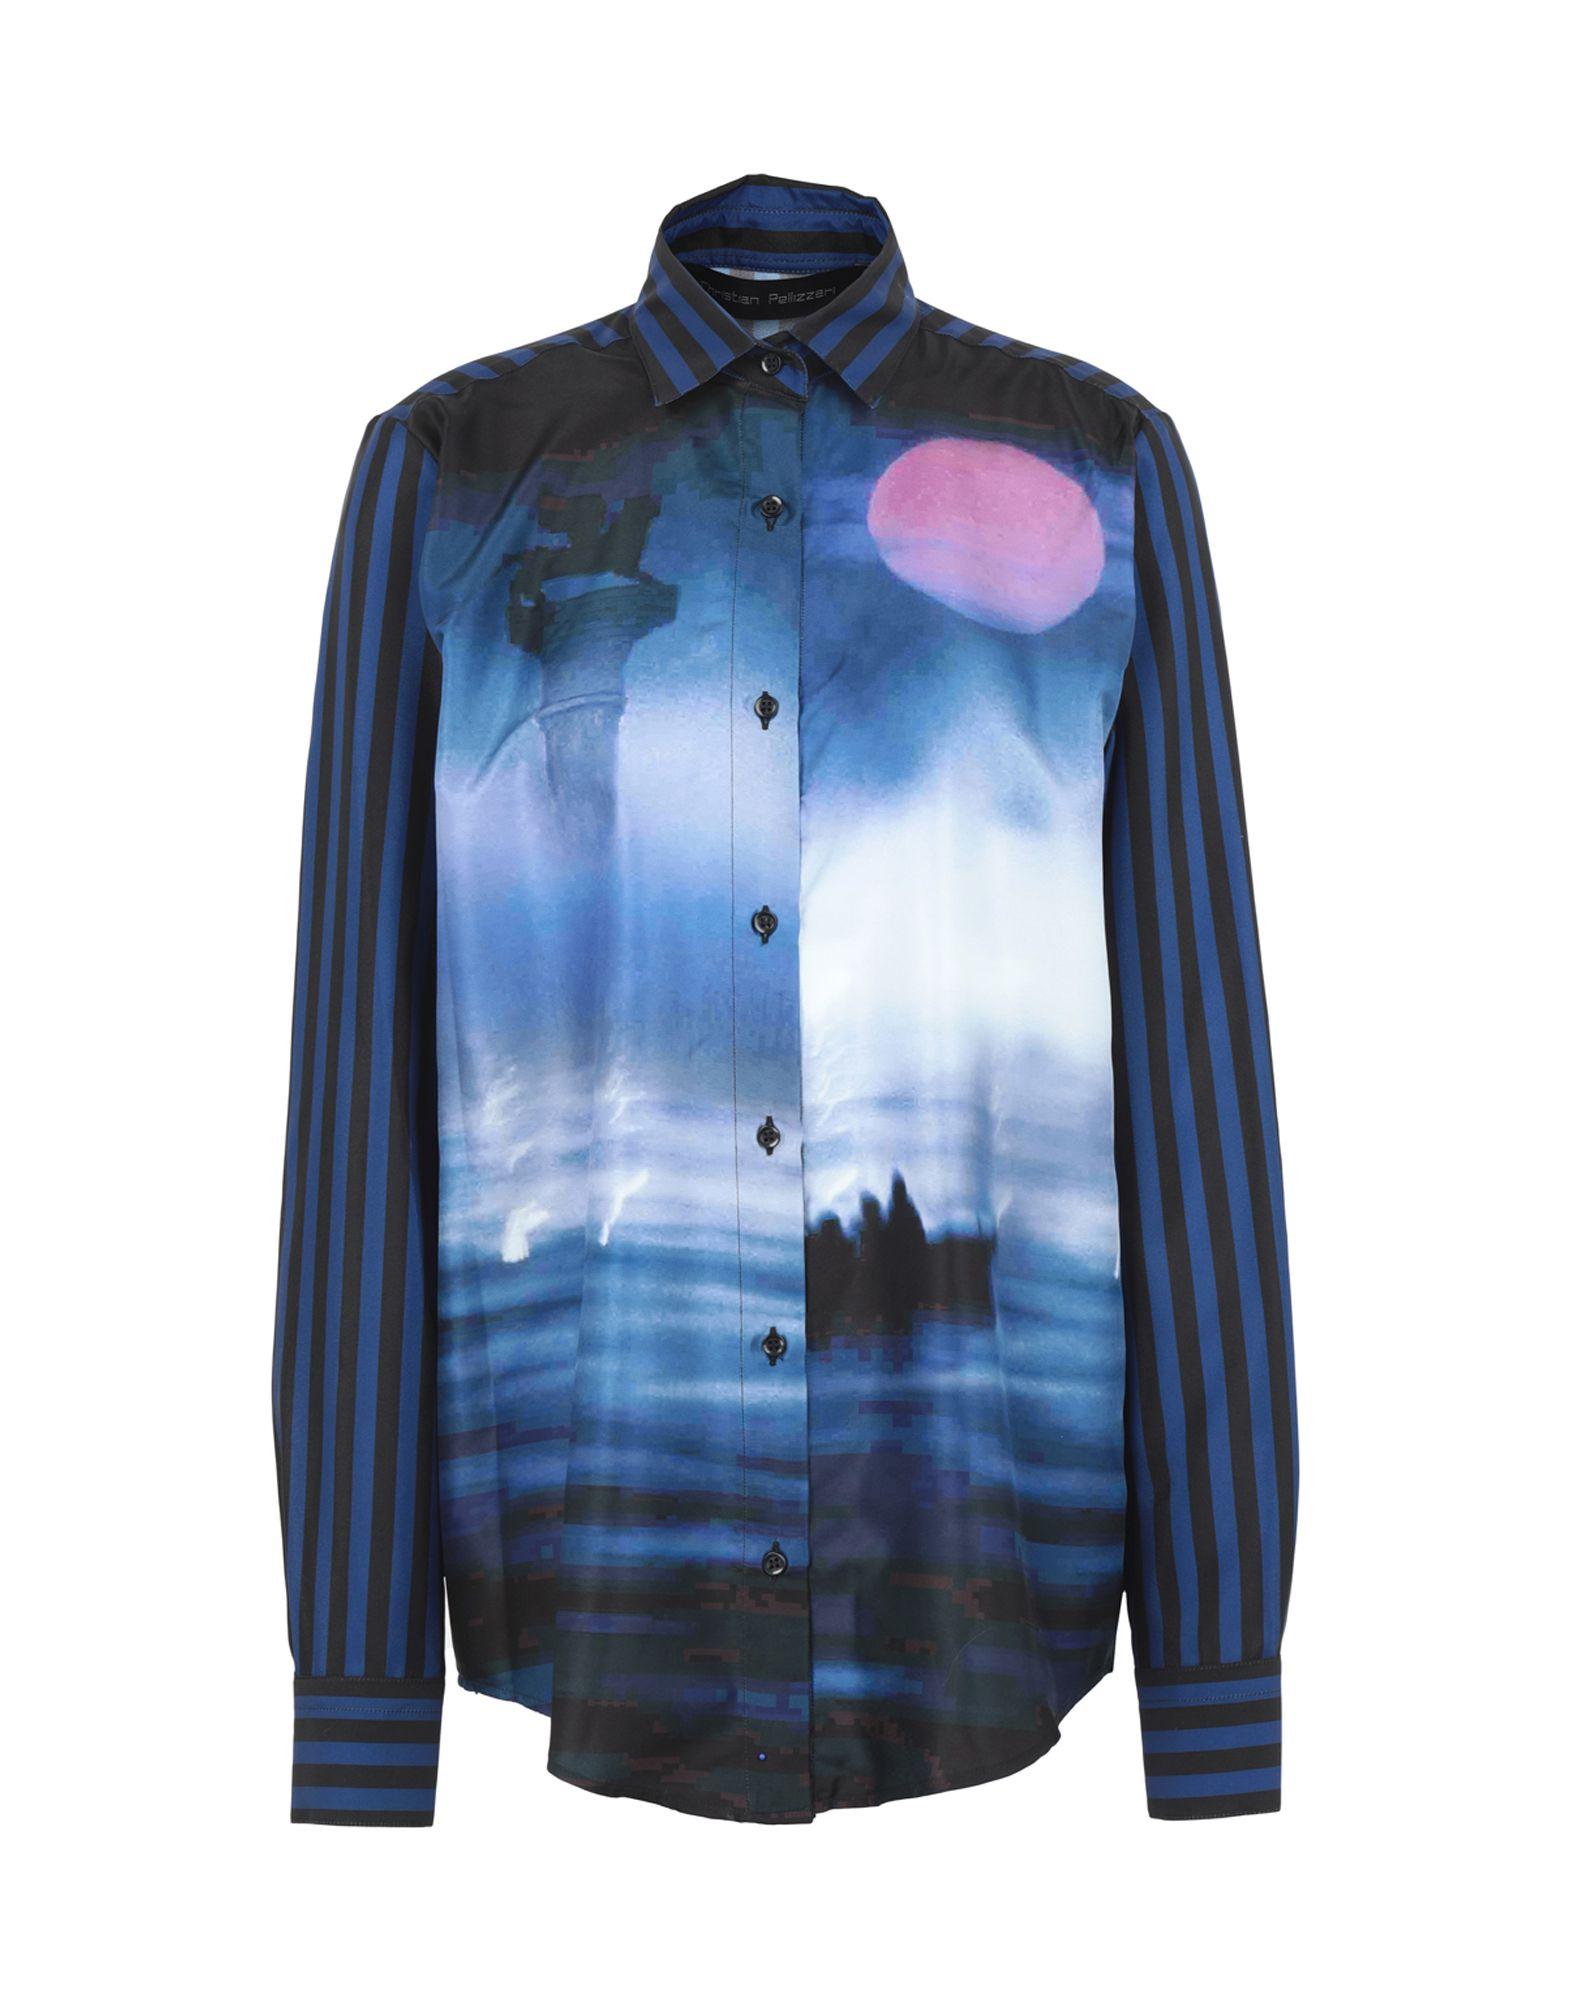 Фото - CHRISTIAN PELLIZZARI Pубашка christian pellizzari блузка